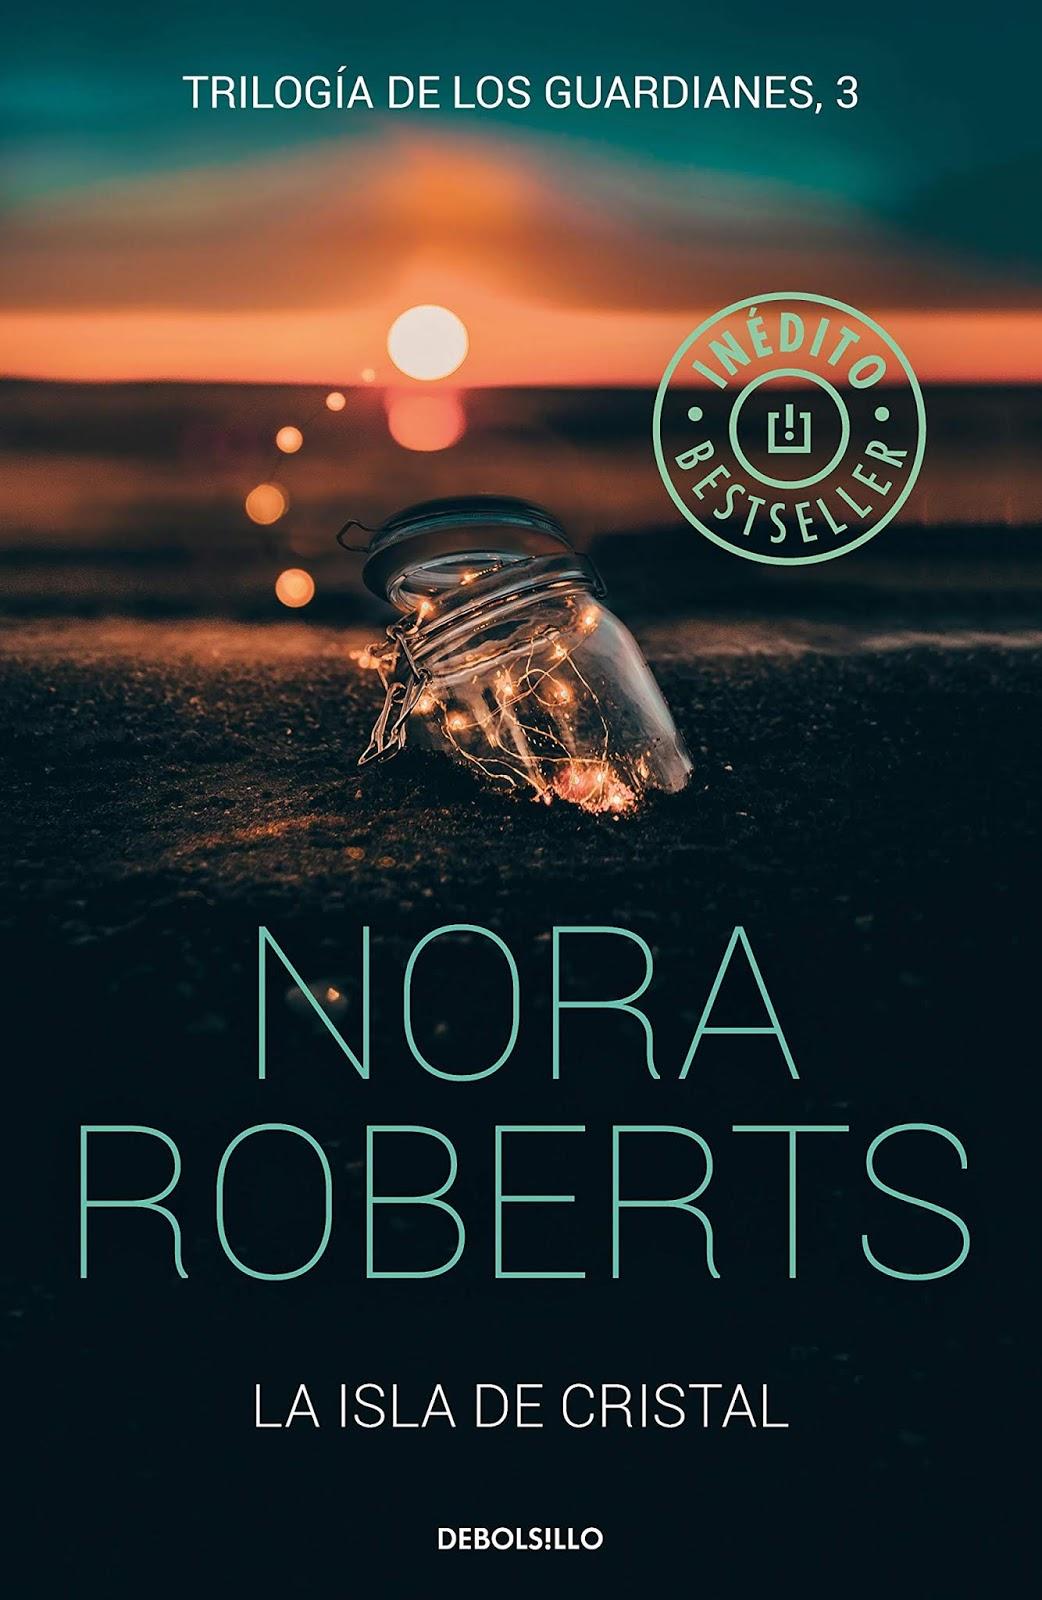 La isla de cristal de Nora Roberts